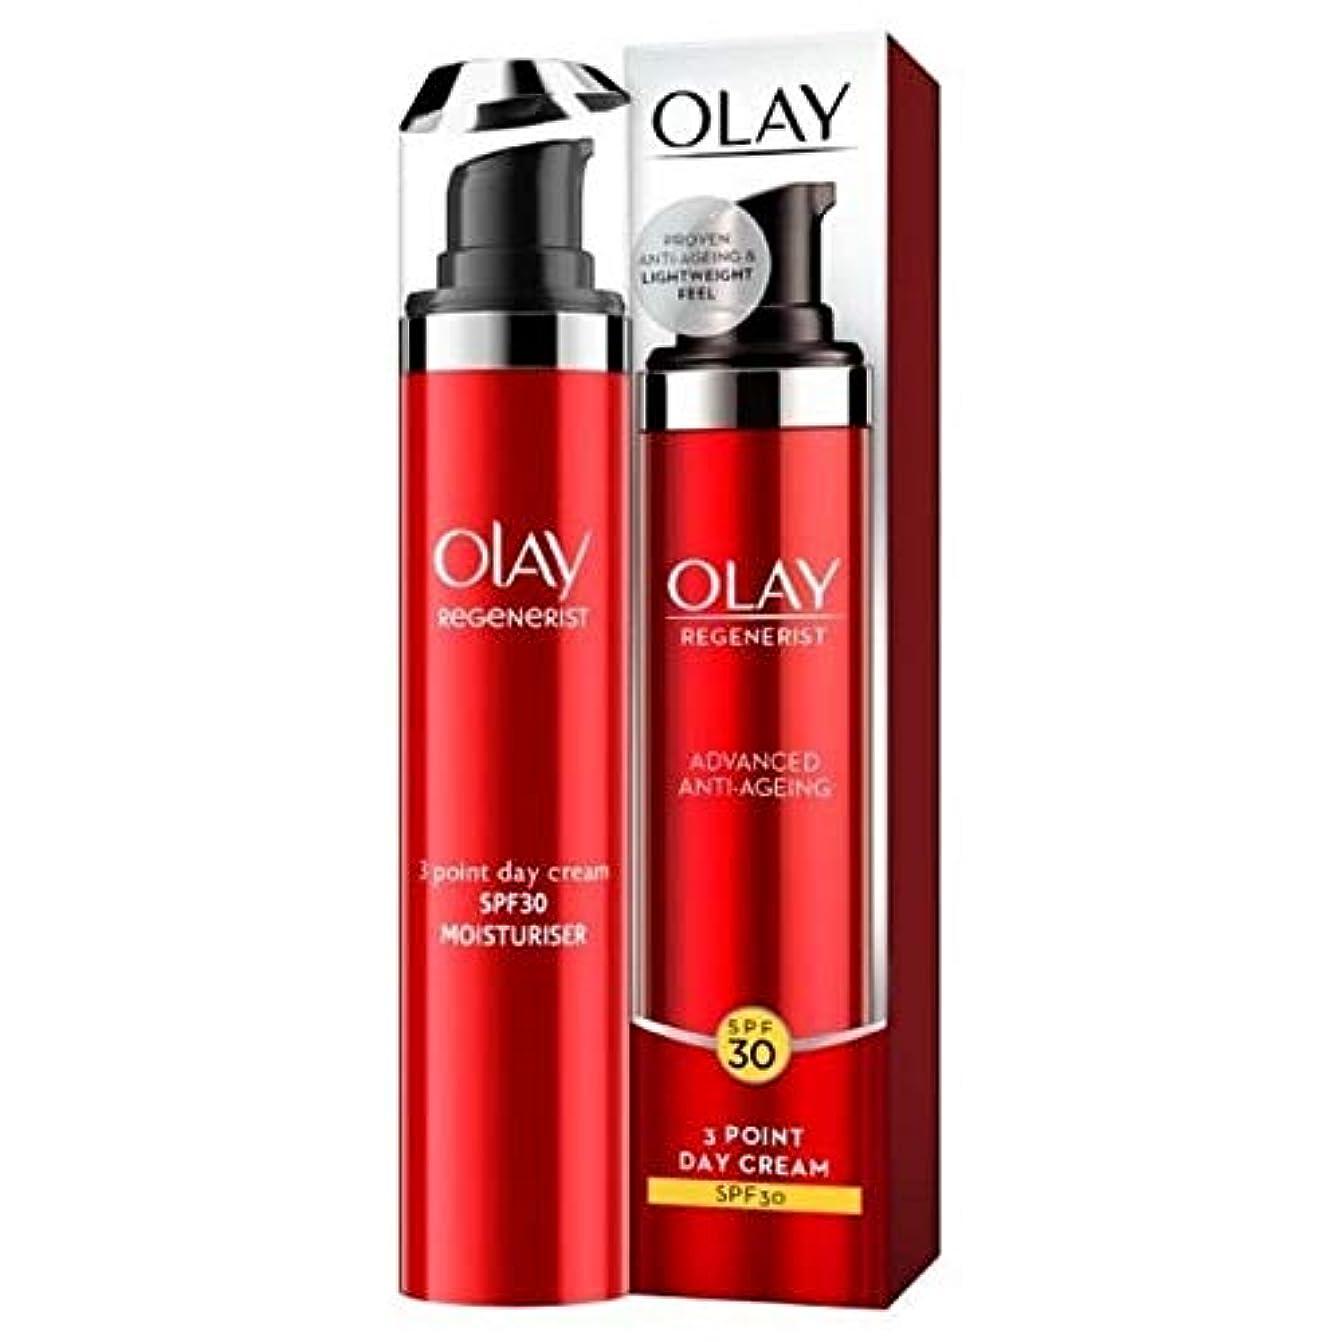 傾向学部長レンジ[Olay ] オーレイリジェネ軽量デイクリームSpf30 - Olay Regenerist Lightweight Day Cream SPF30 [並行輸入品]